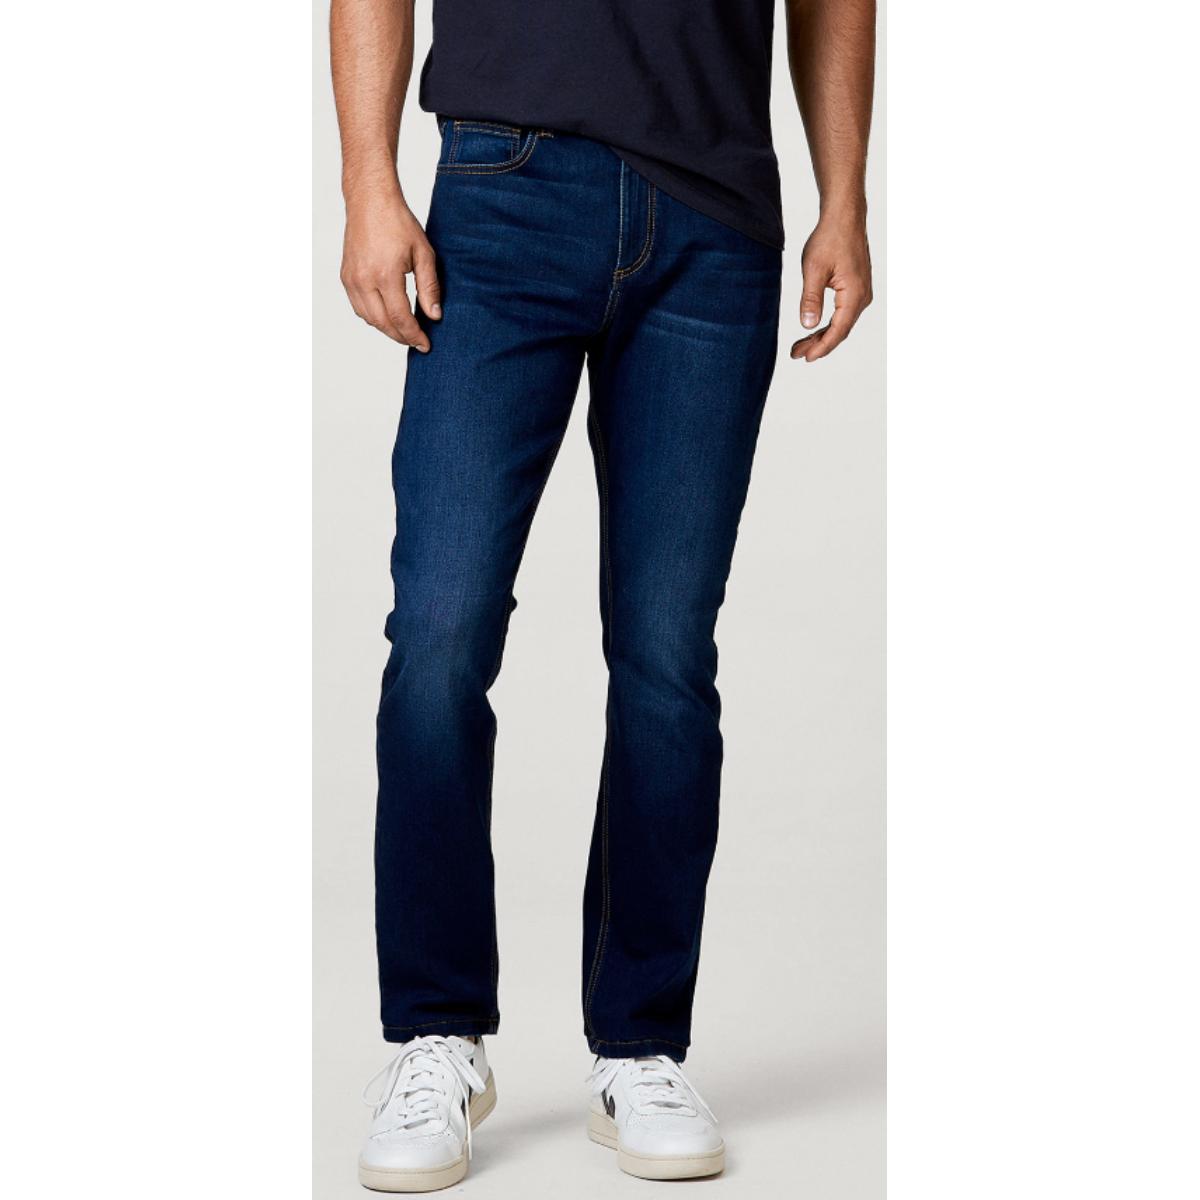 Calça Masculina Hering H1b4  1asi Jeans Claro